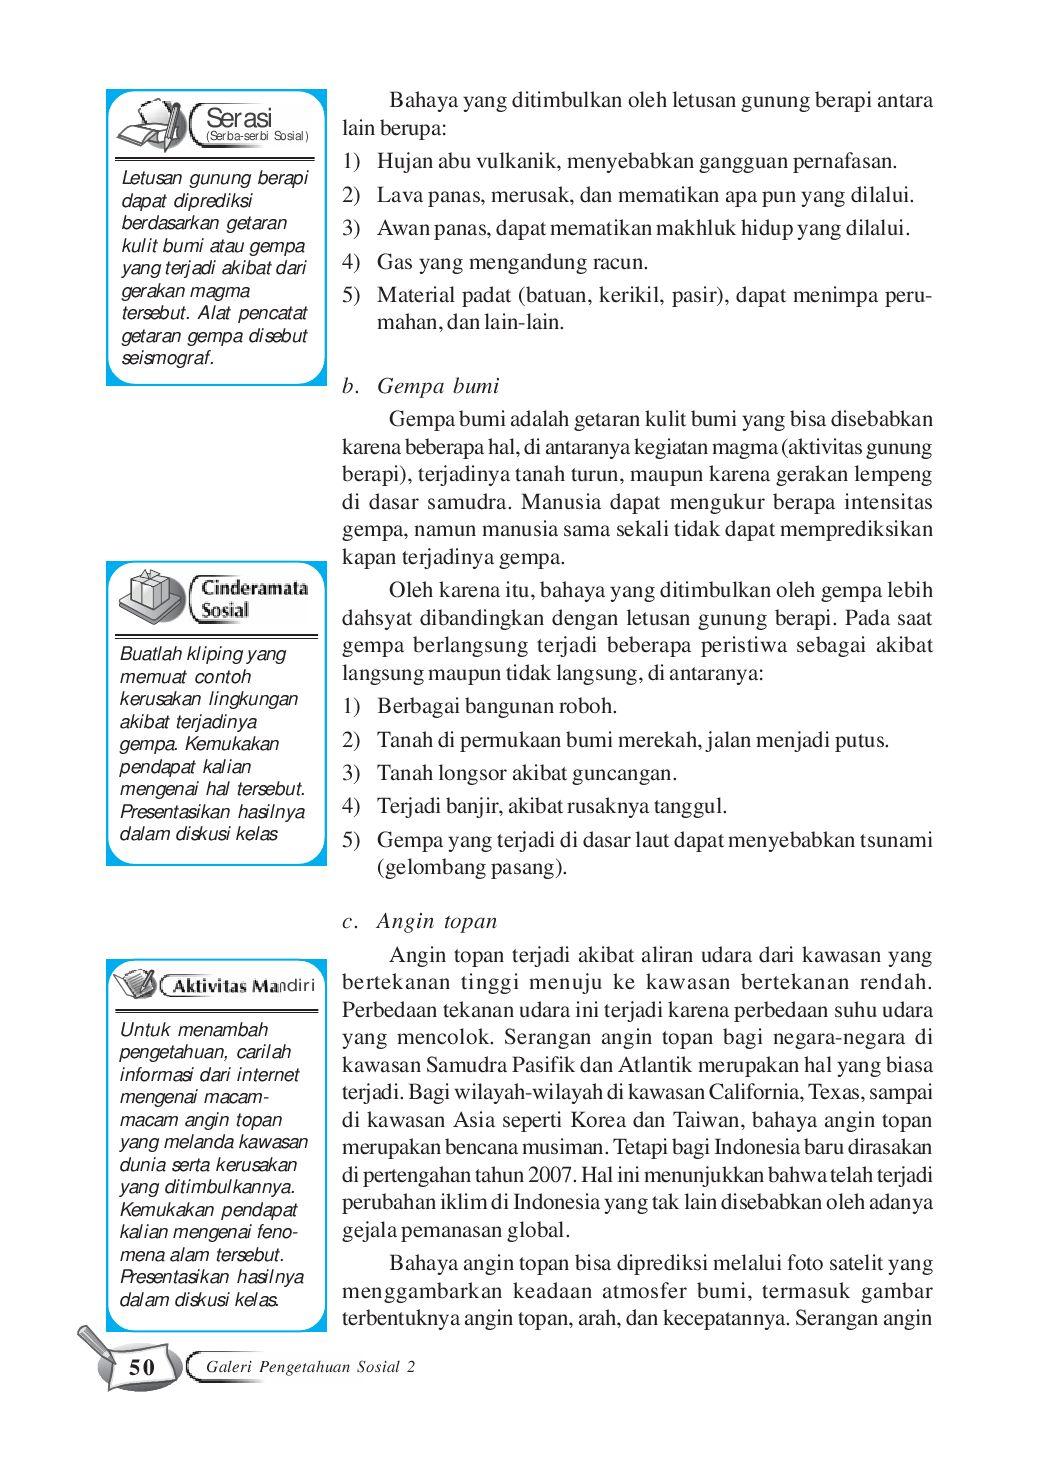 Alat Pencatat Getaran Gempa : pencatat, getaran, gempa, Kelas08_galeri-pengetahuan-sosial-terpadu_sri-waluyo, Selagan, Issuu